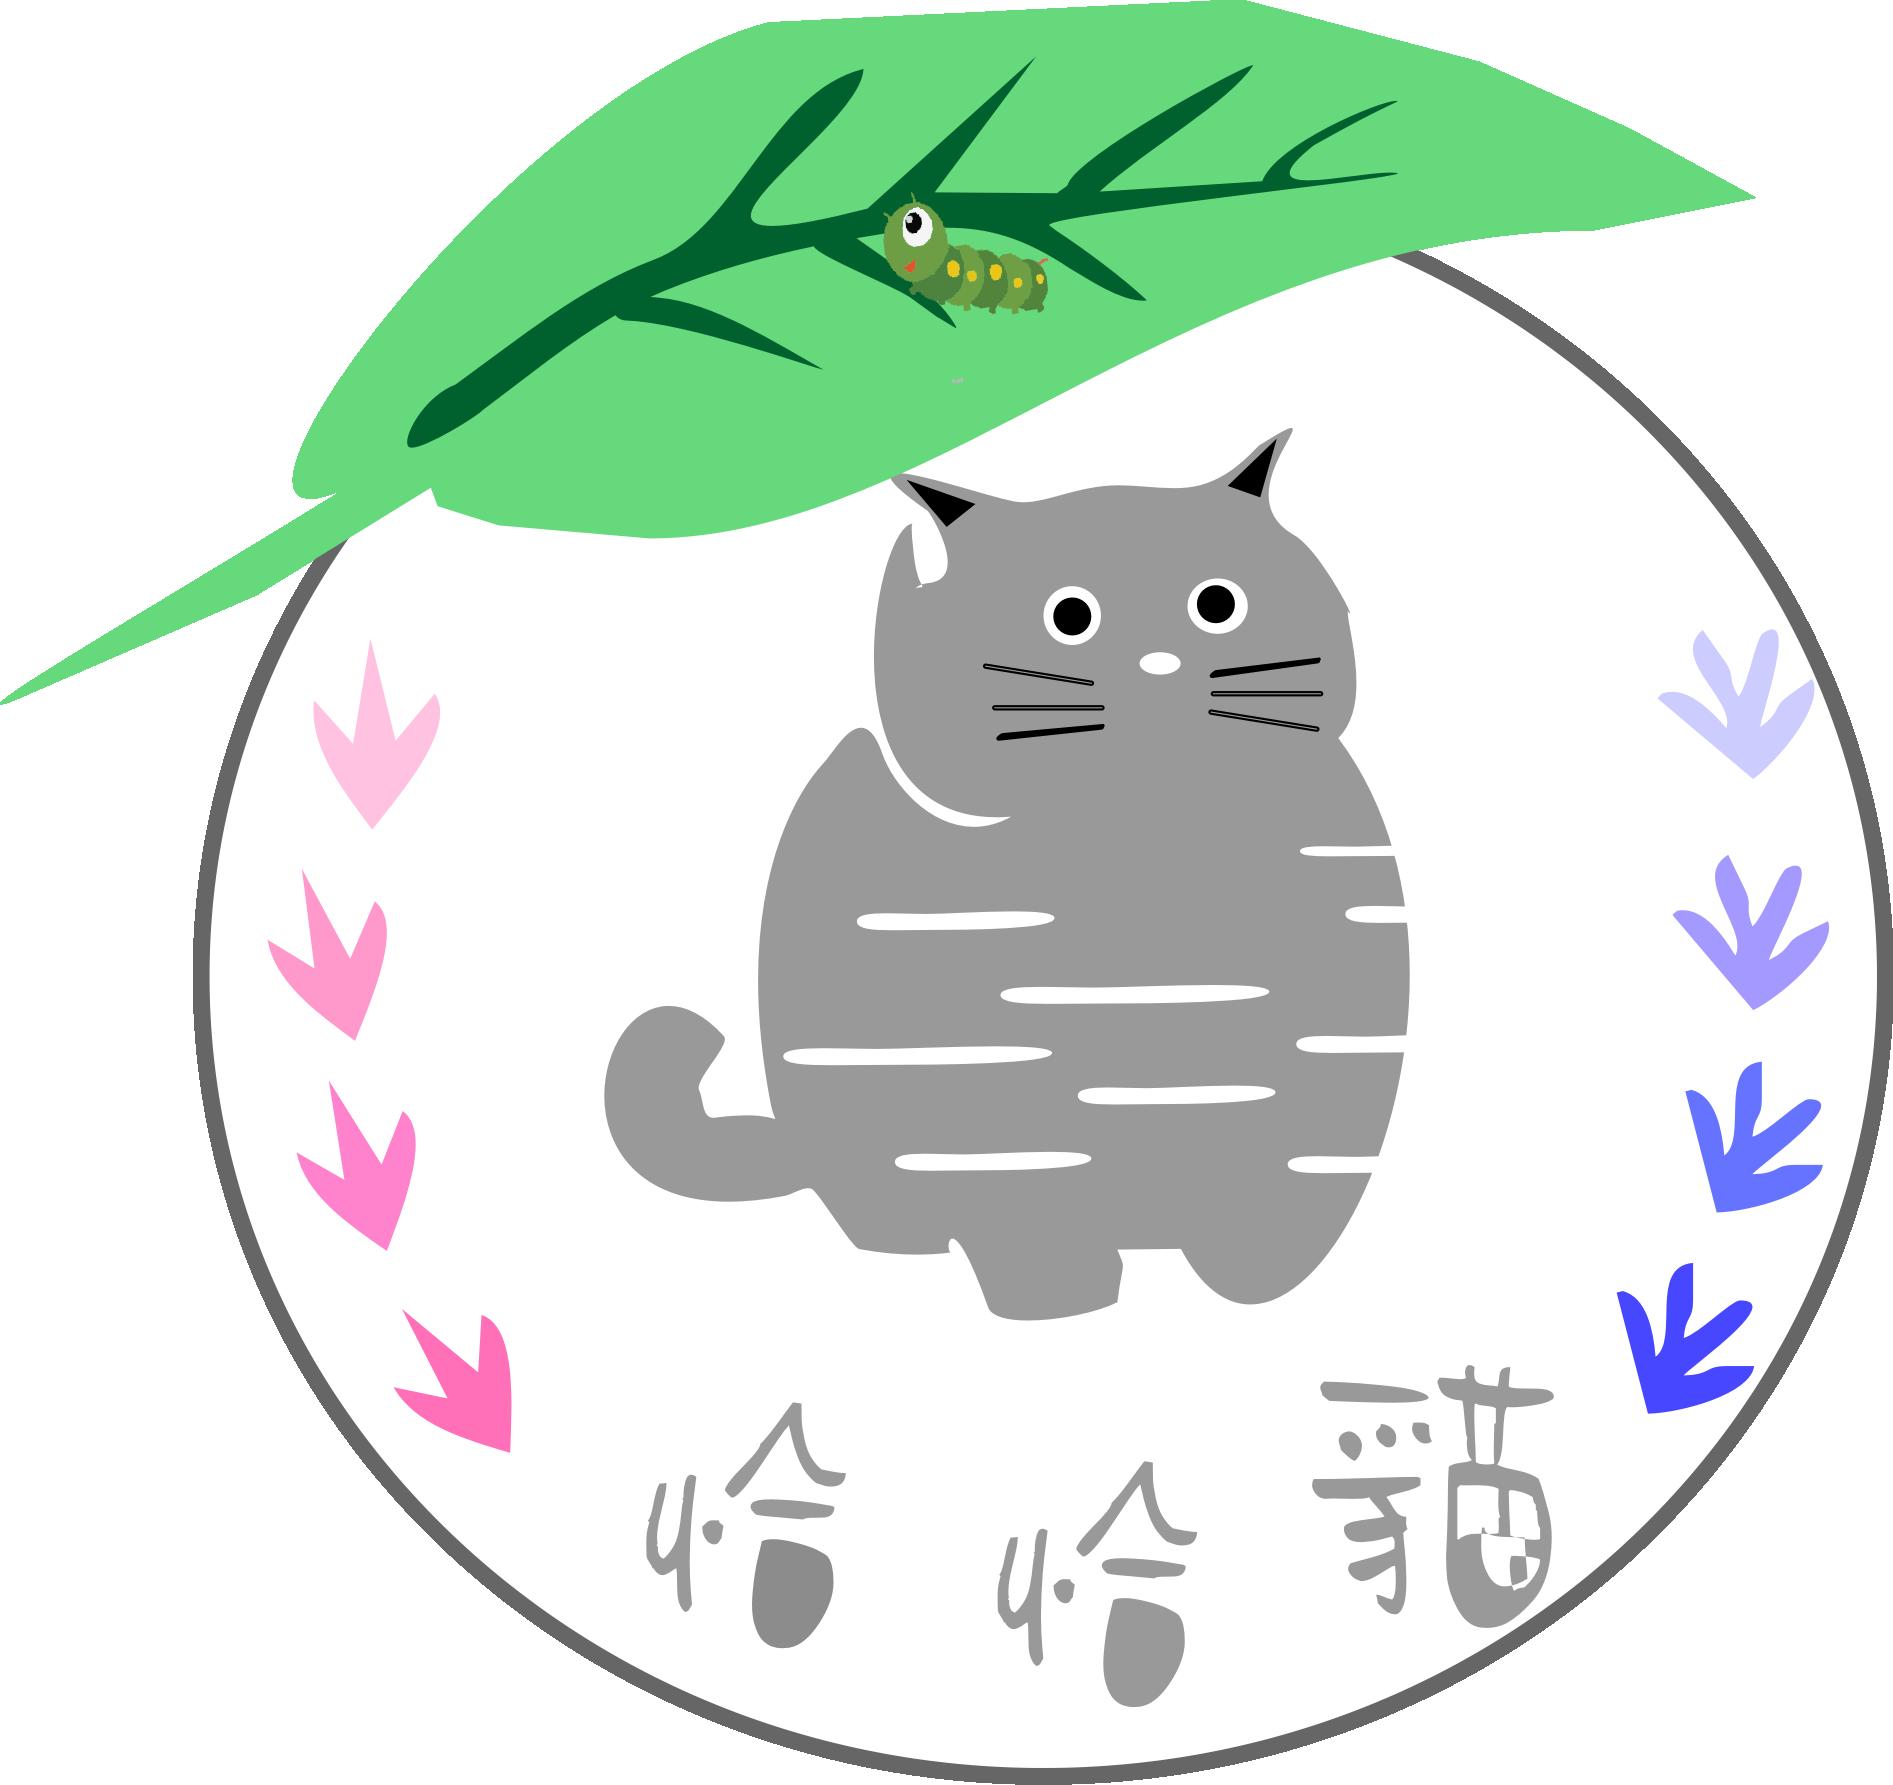 寵物用品 貓飼料 貓罐頭 貓砂盆 貓抓板 貓咪玩具【恰恰貓咪賣場】